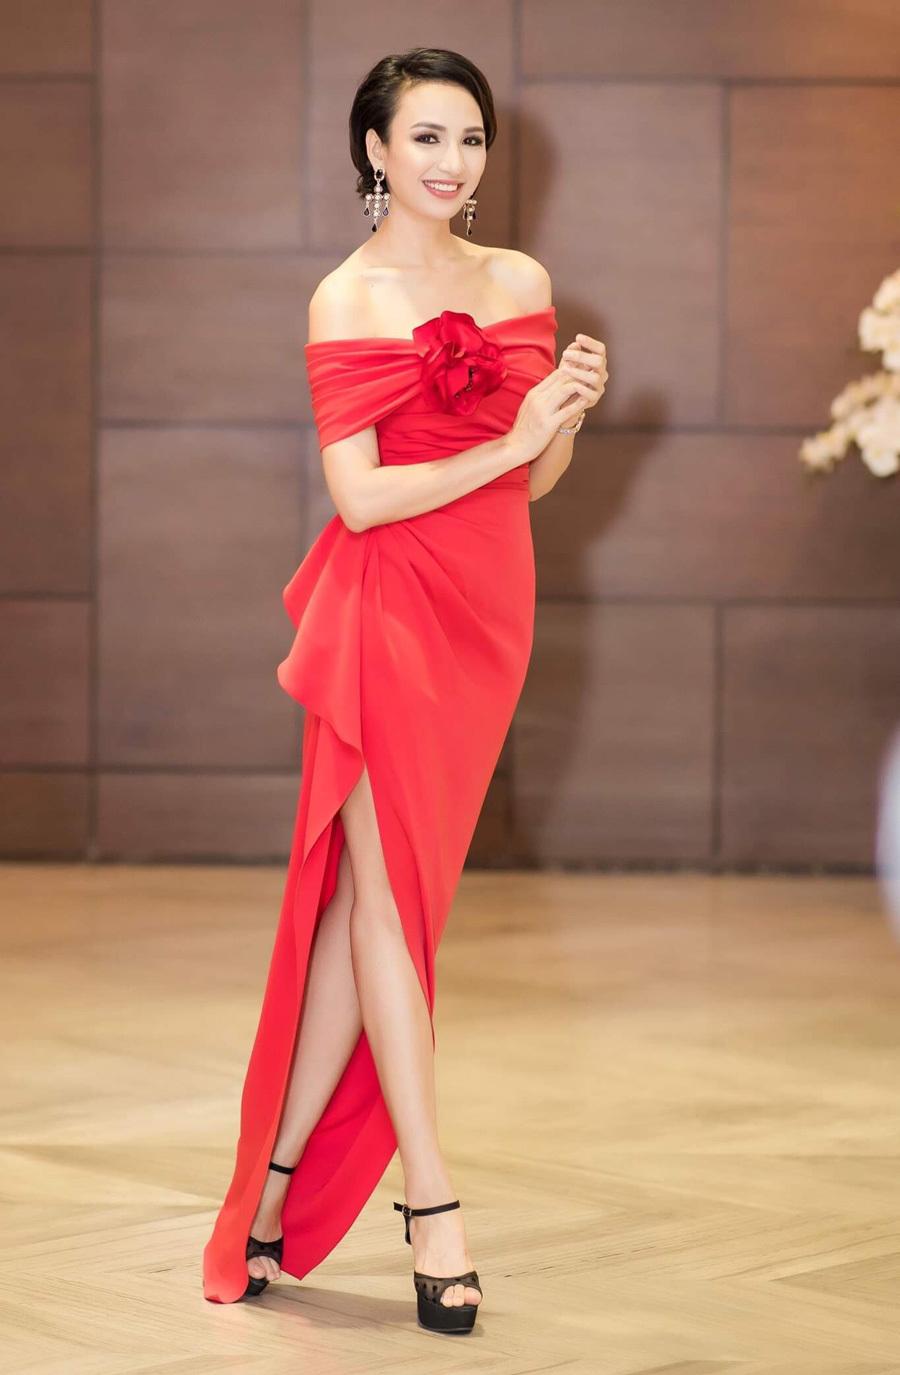 Hoa hậu Ngọc Diễm lăng xê mốt tóc ngắn